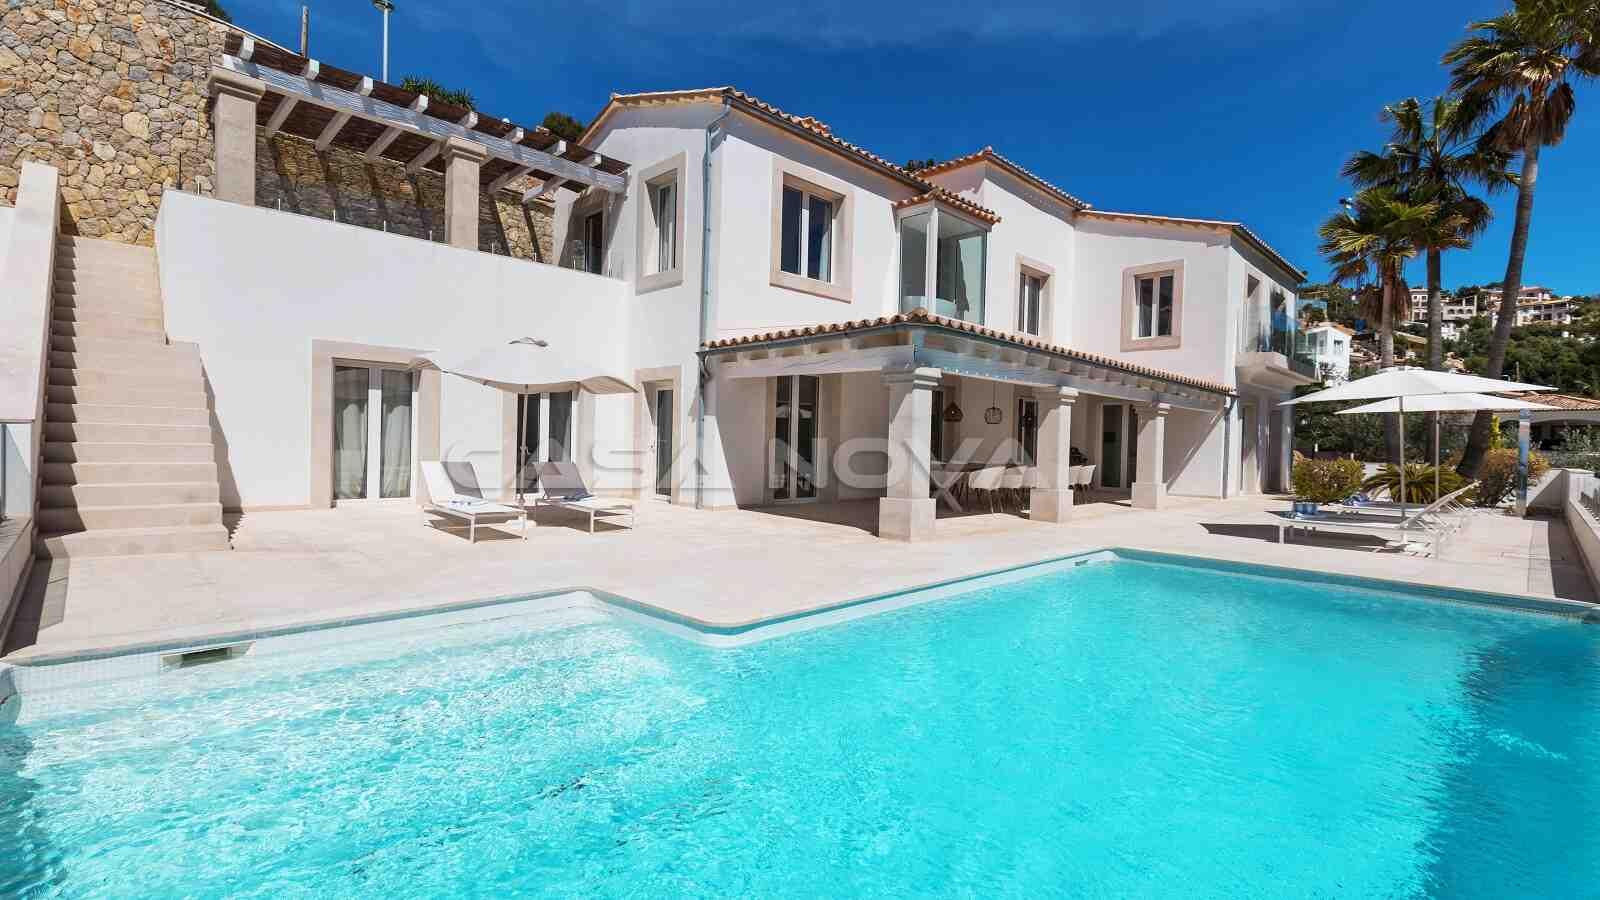 Ref. 2401735 - Moderne Mallorca Villa mit mediterranen Akzenten